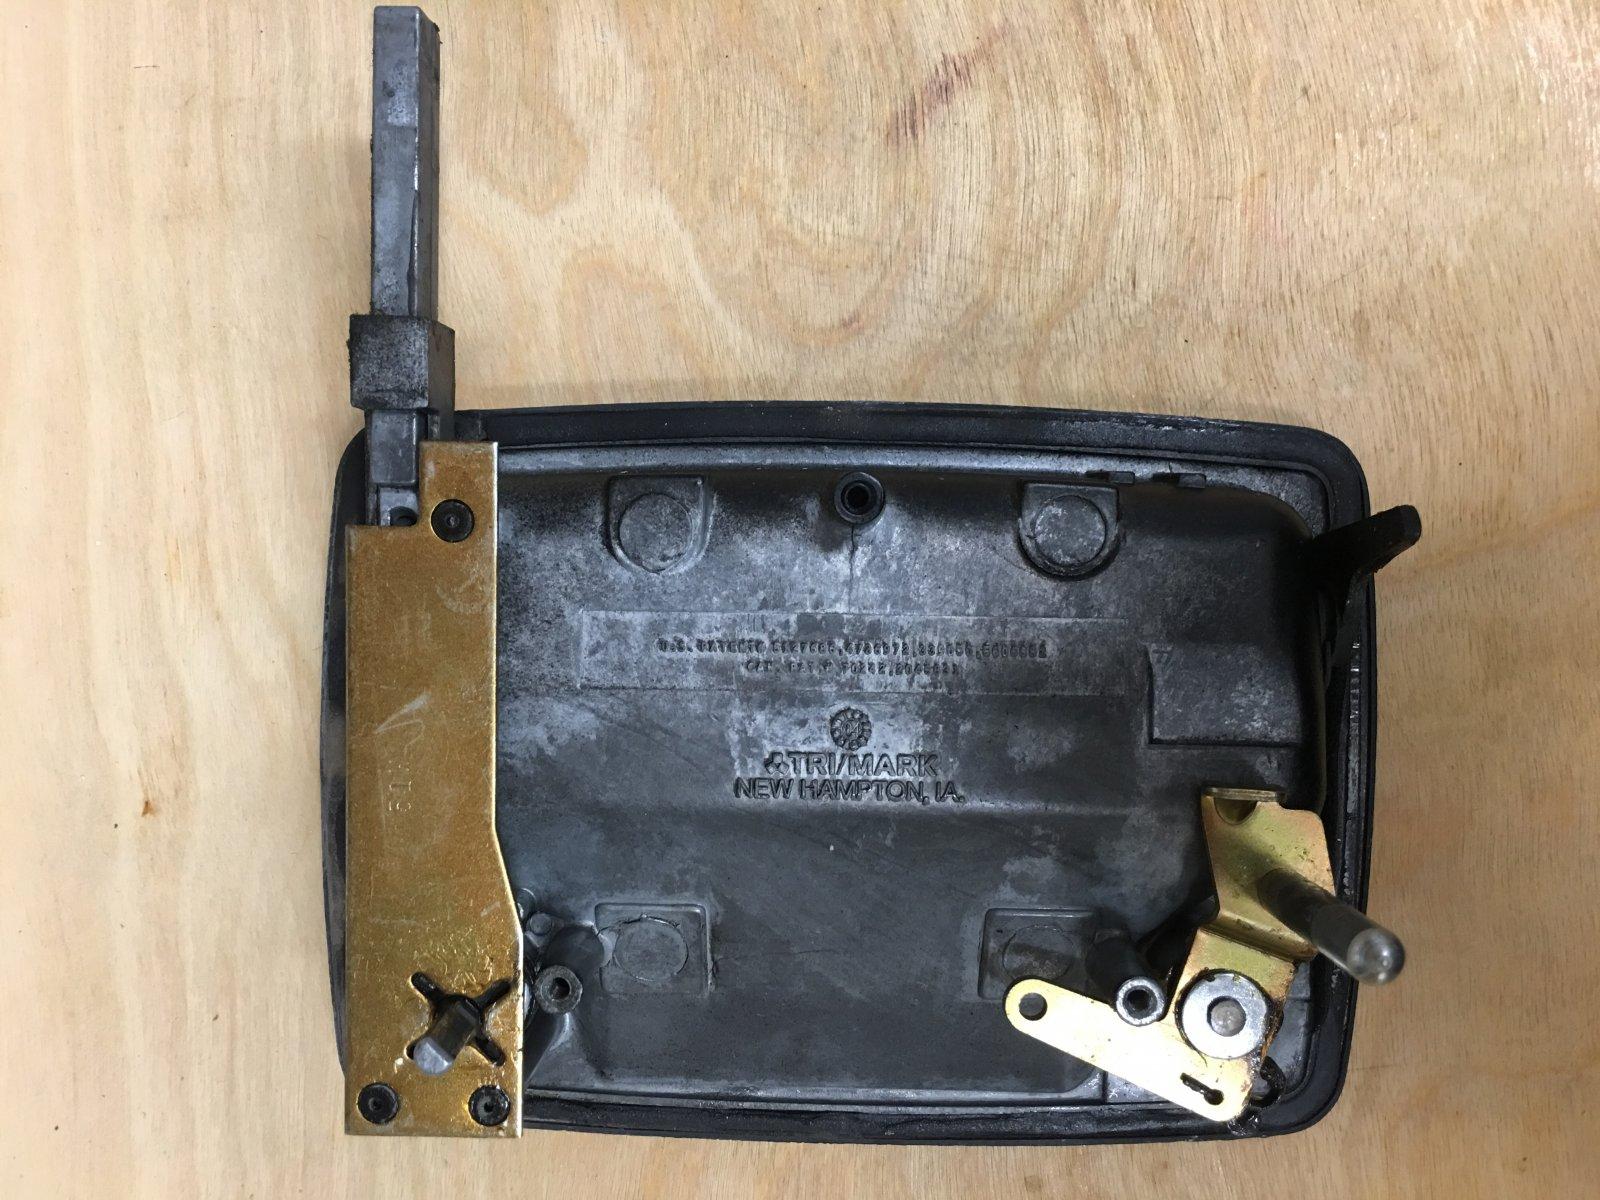 Replaced my TriMark 030-0900 entry door & dead-bolt lock